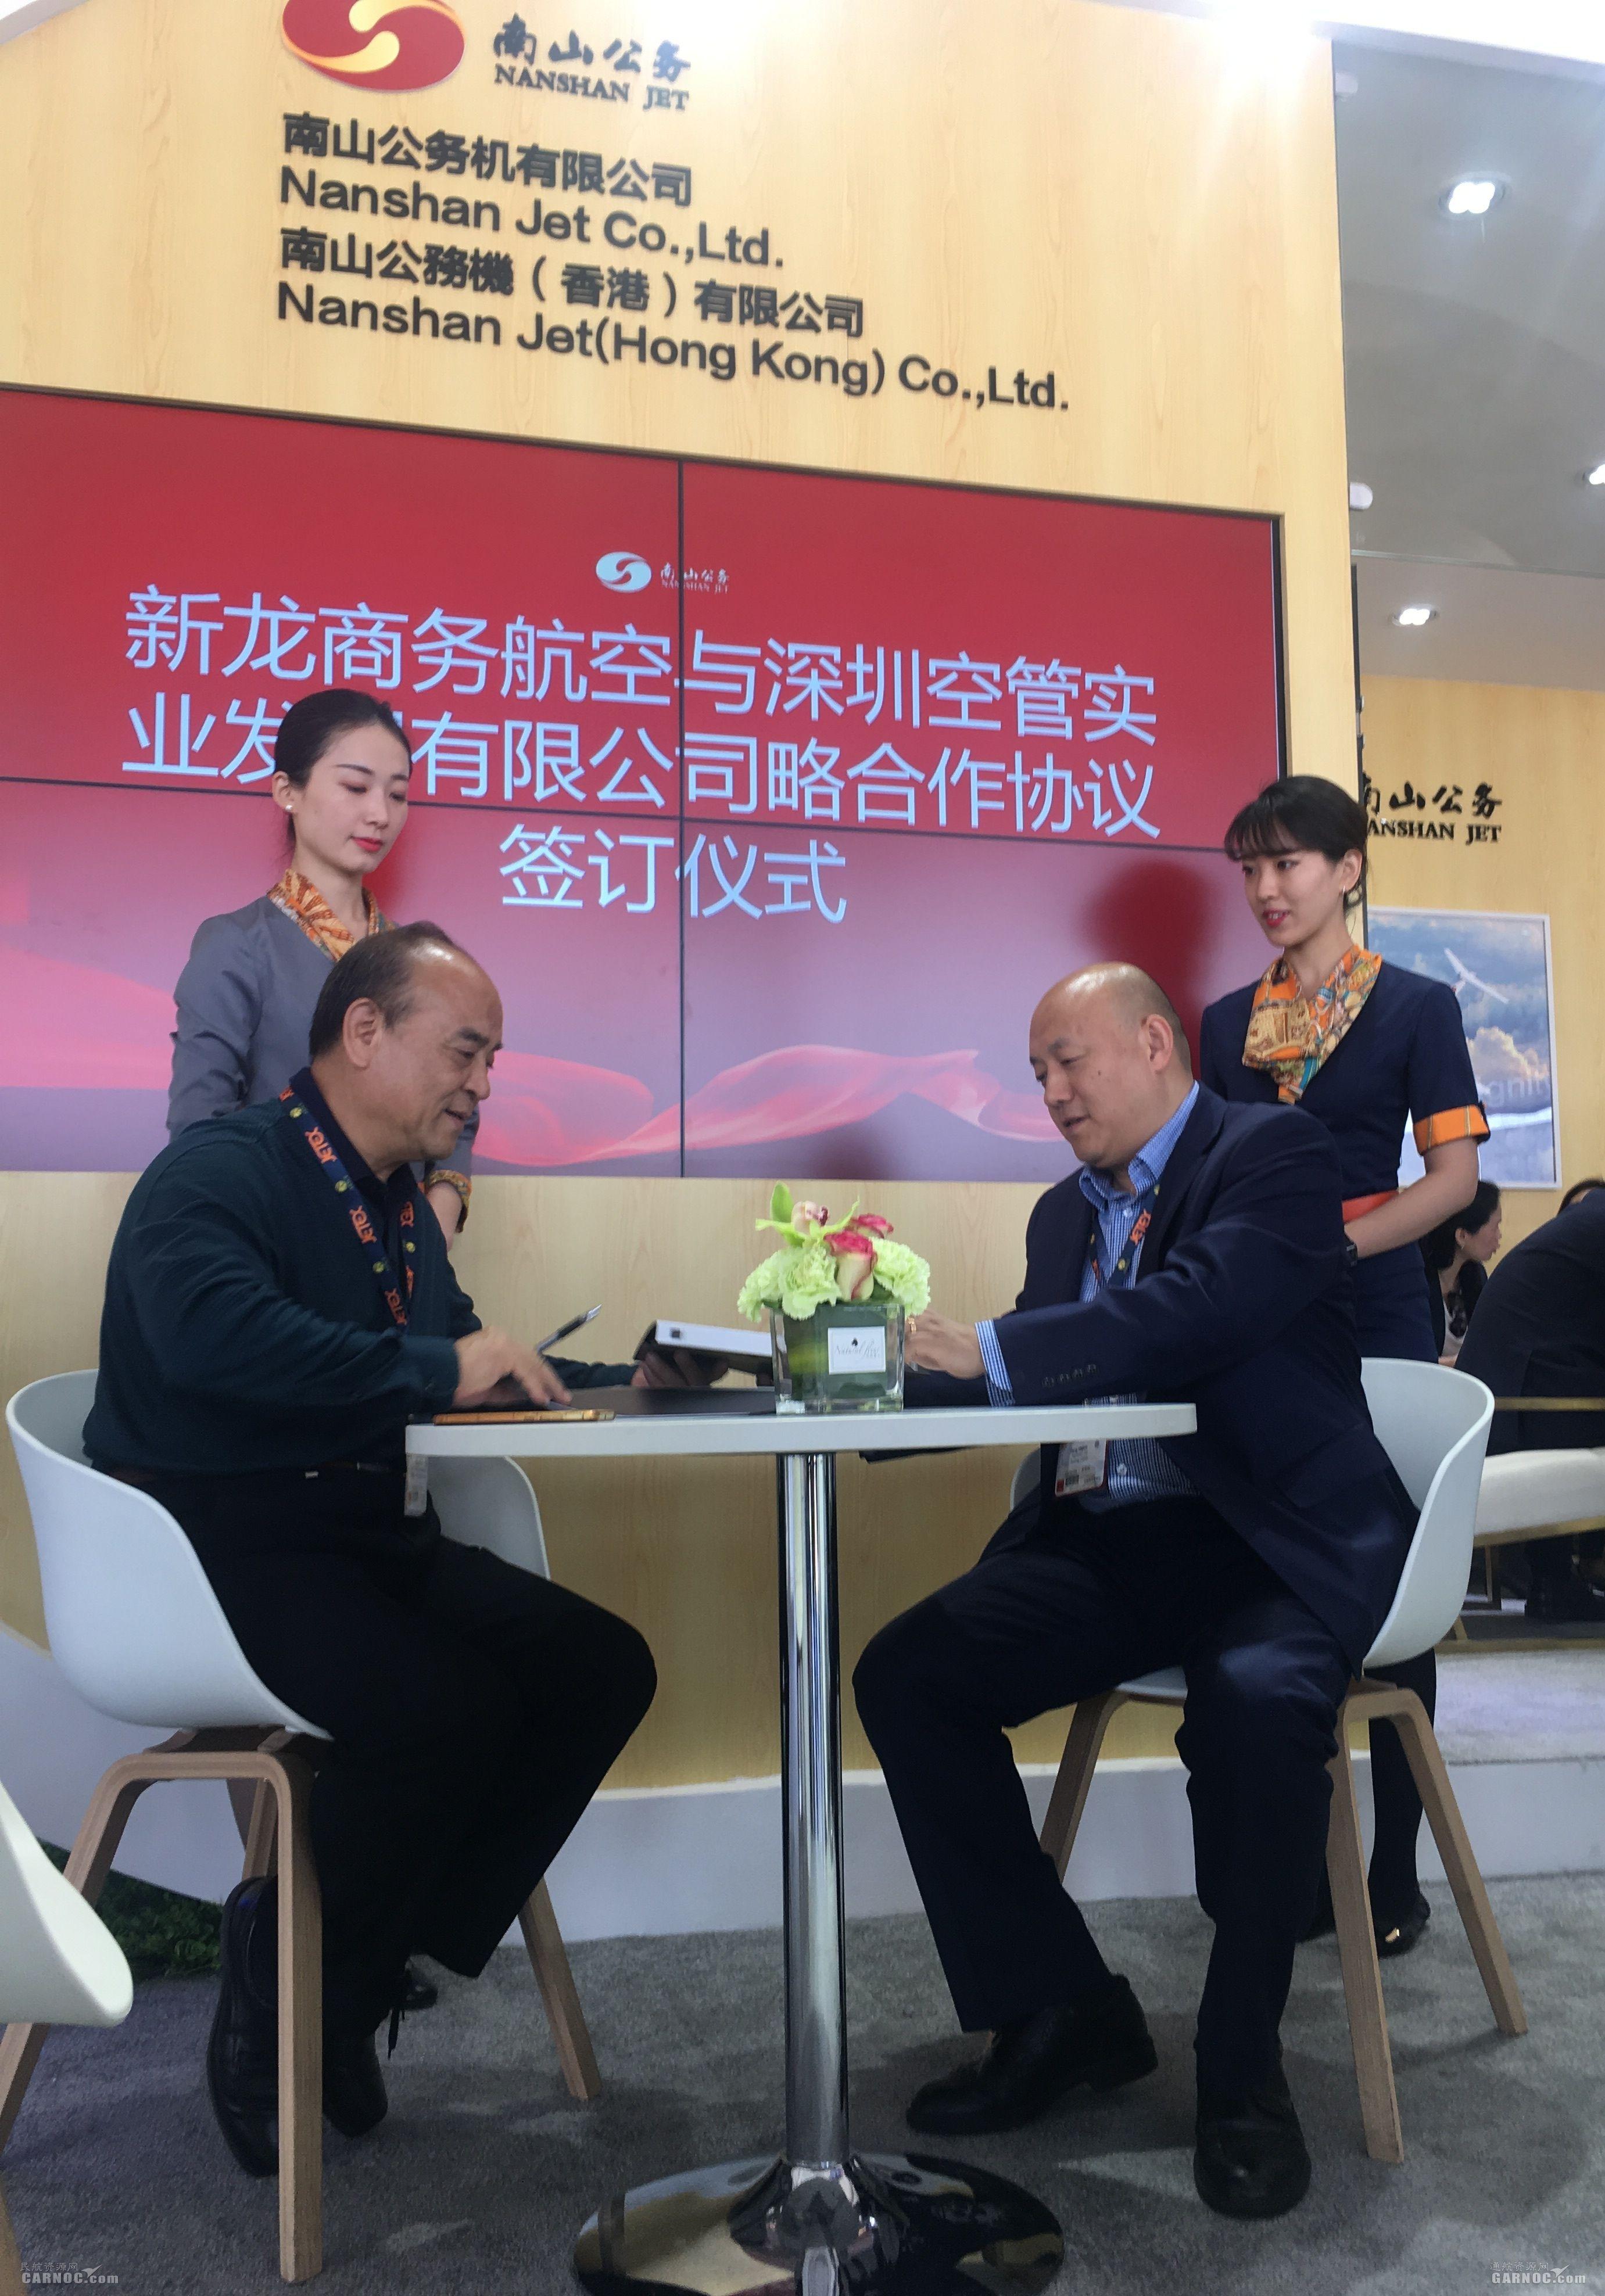 深圳空管泛亚外航加强公务机地面服务合作